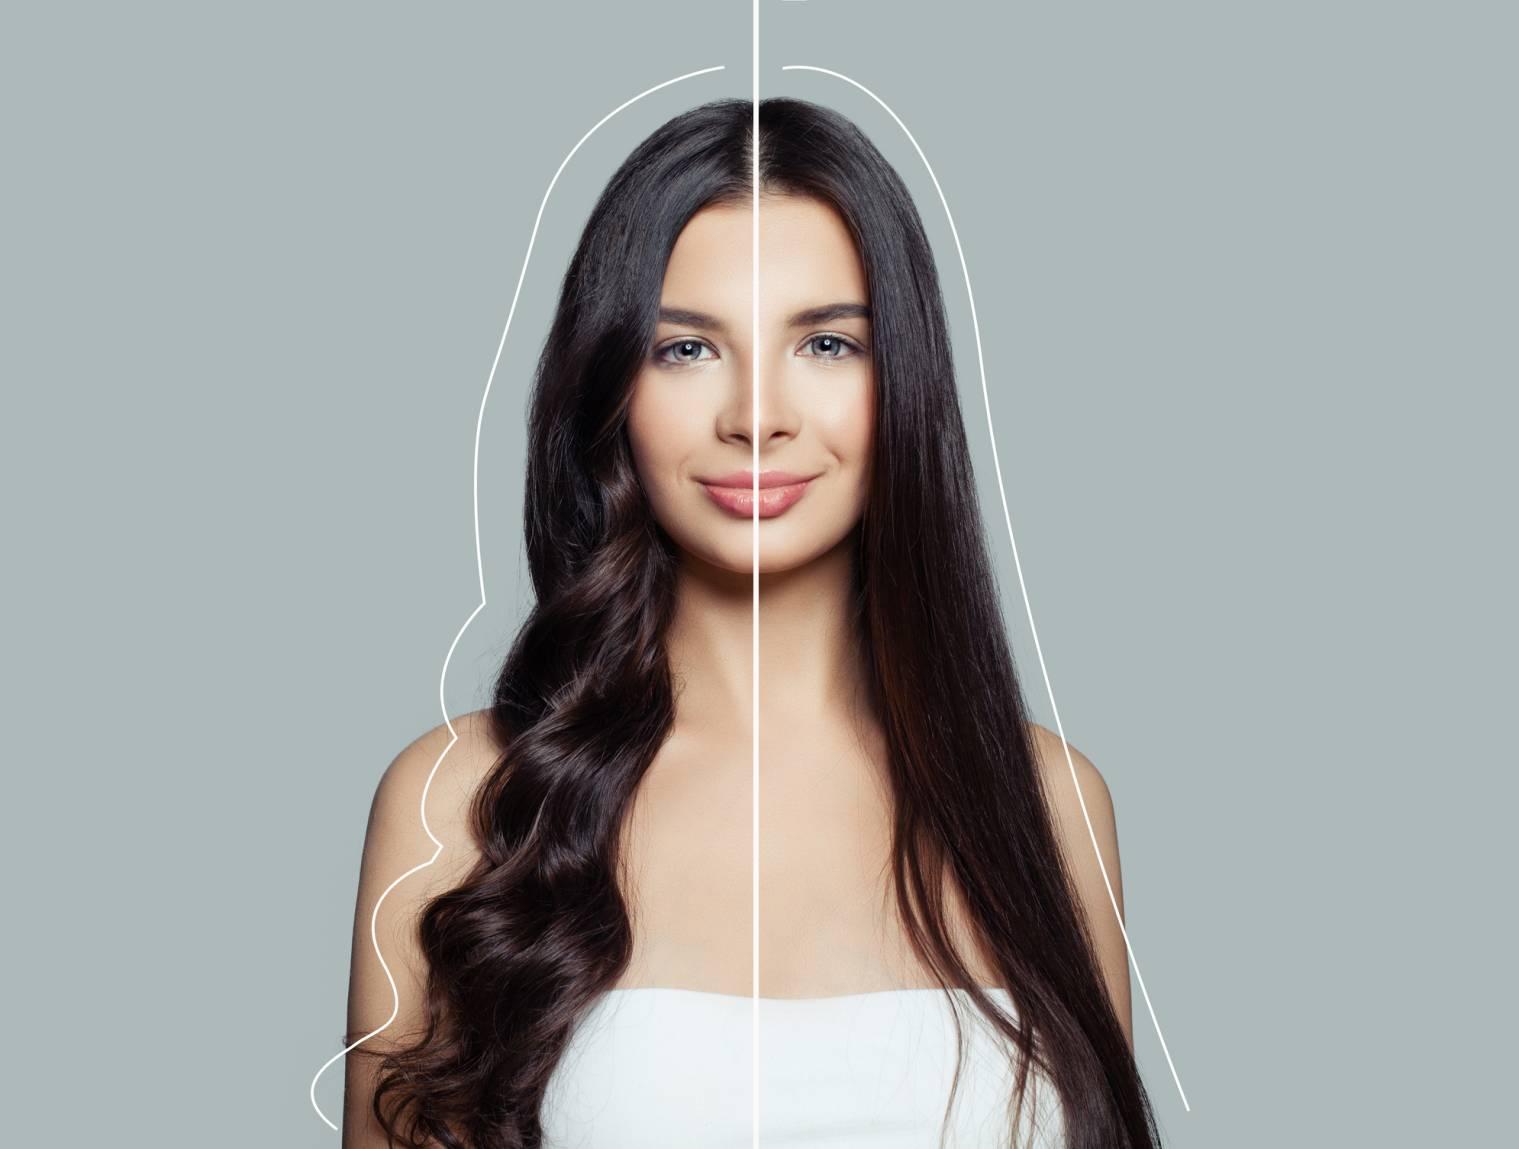 Lissage au tanin : Le lissage au tanin pour avoir de beaux cheveux